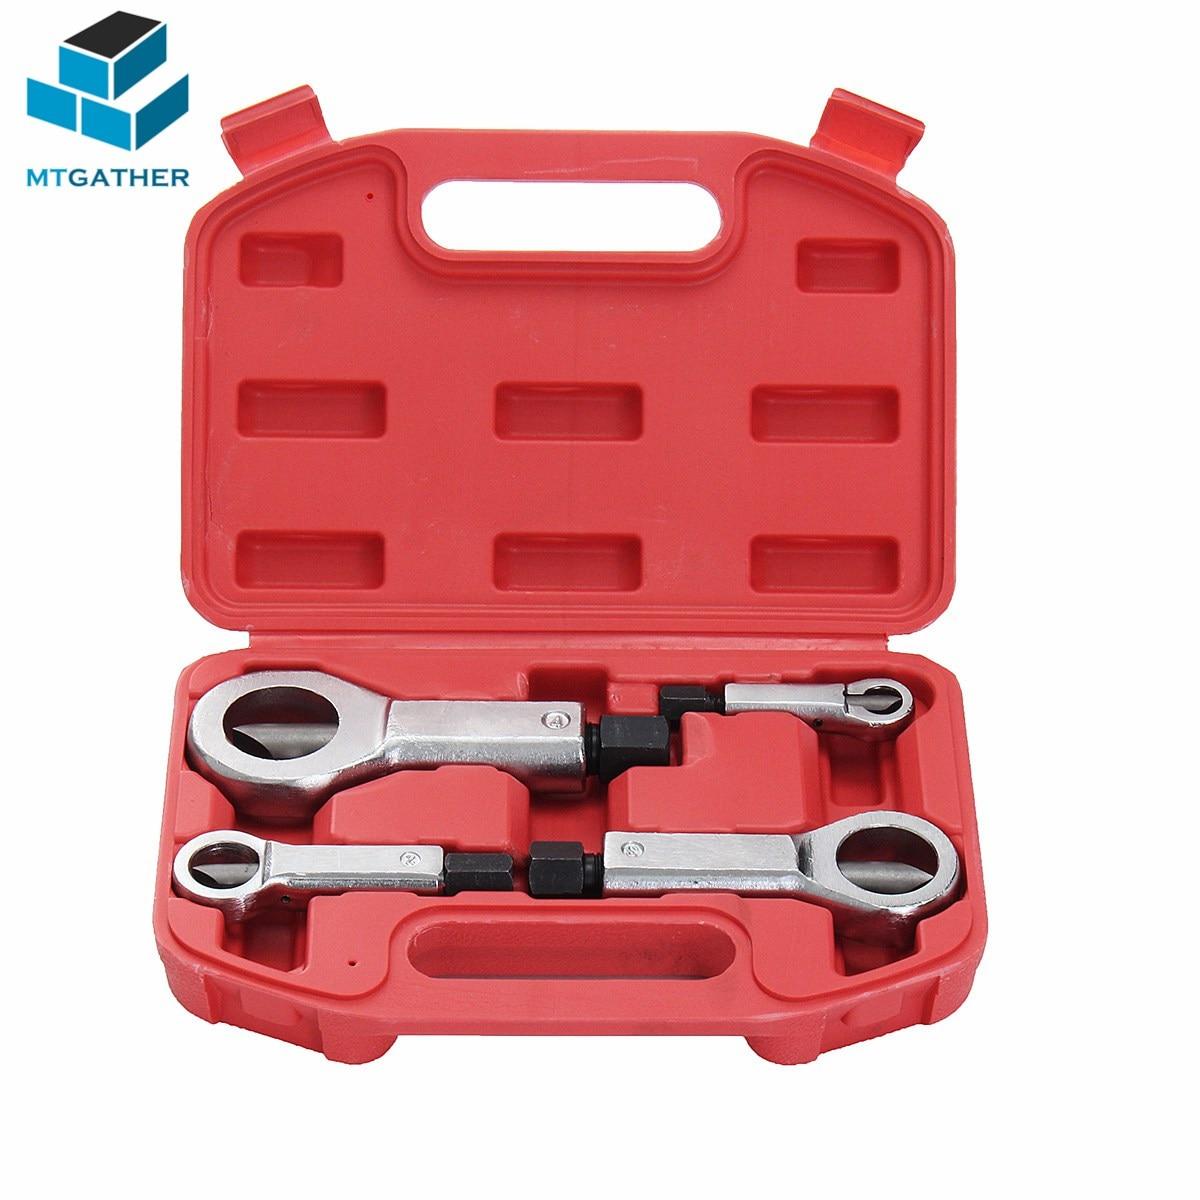 MTGATHER 4 Pcs Nouvel Écrou Splitter Kit Cracker Remover Extractor Tool Set Lame En Acier Gorgé Grip Remover Corrodé Split Outil 9-36mm